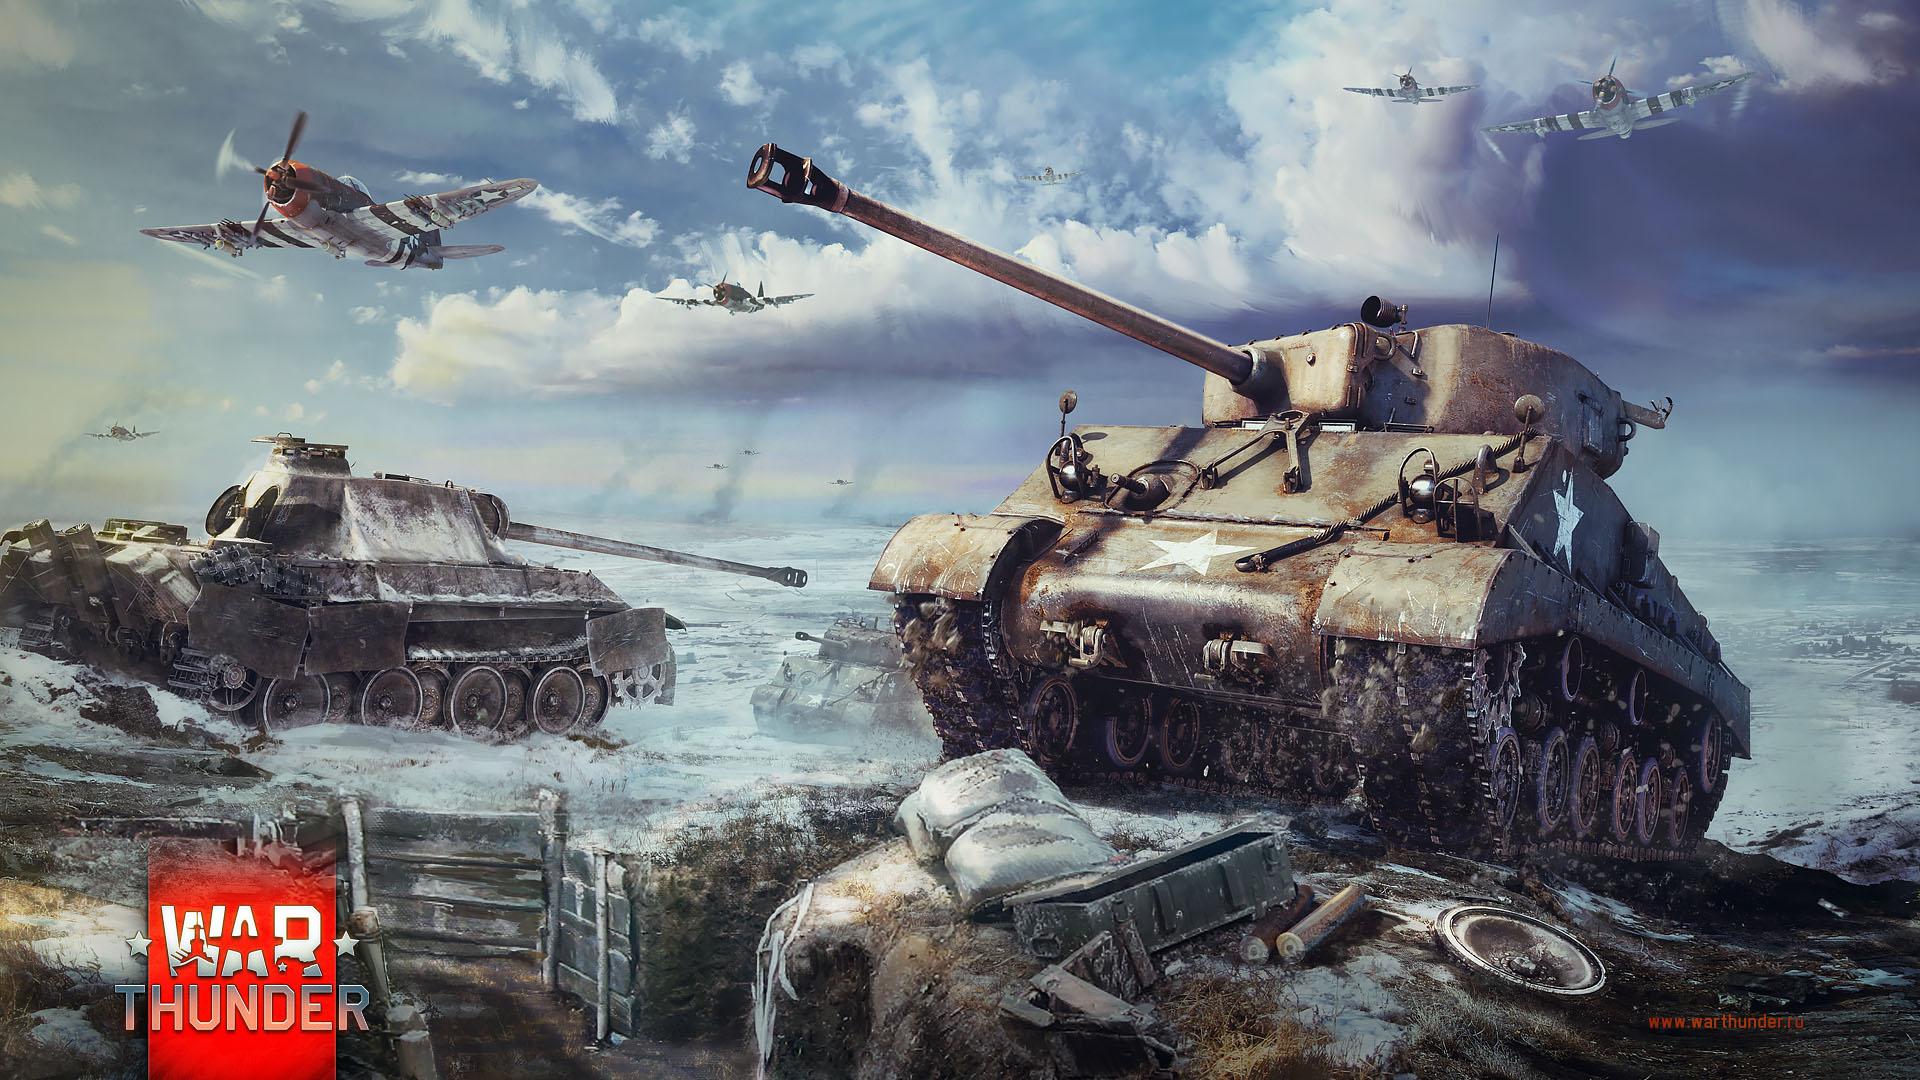 танк шерман видео в вар тандер